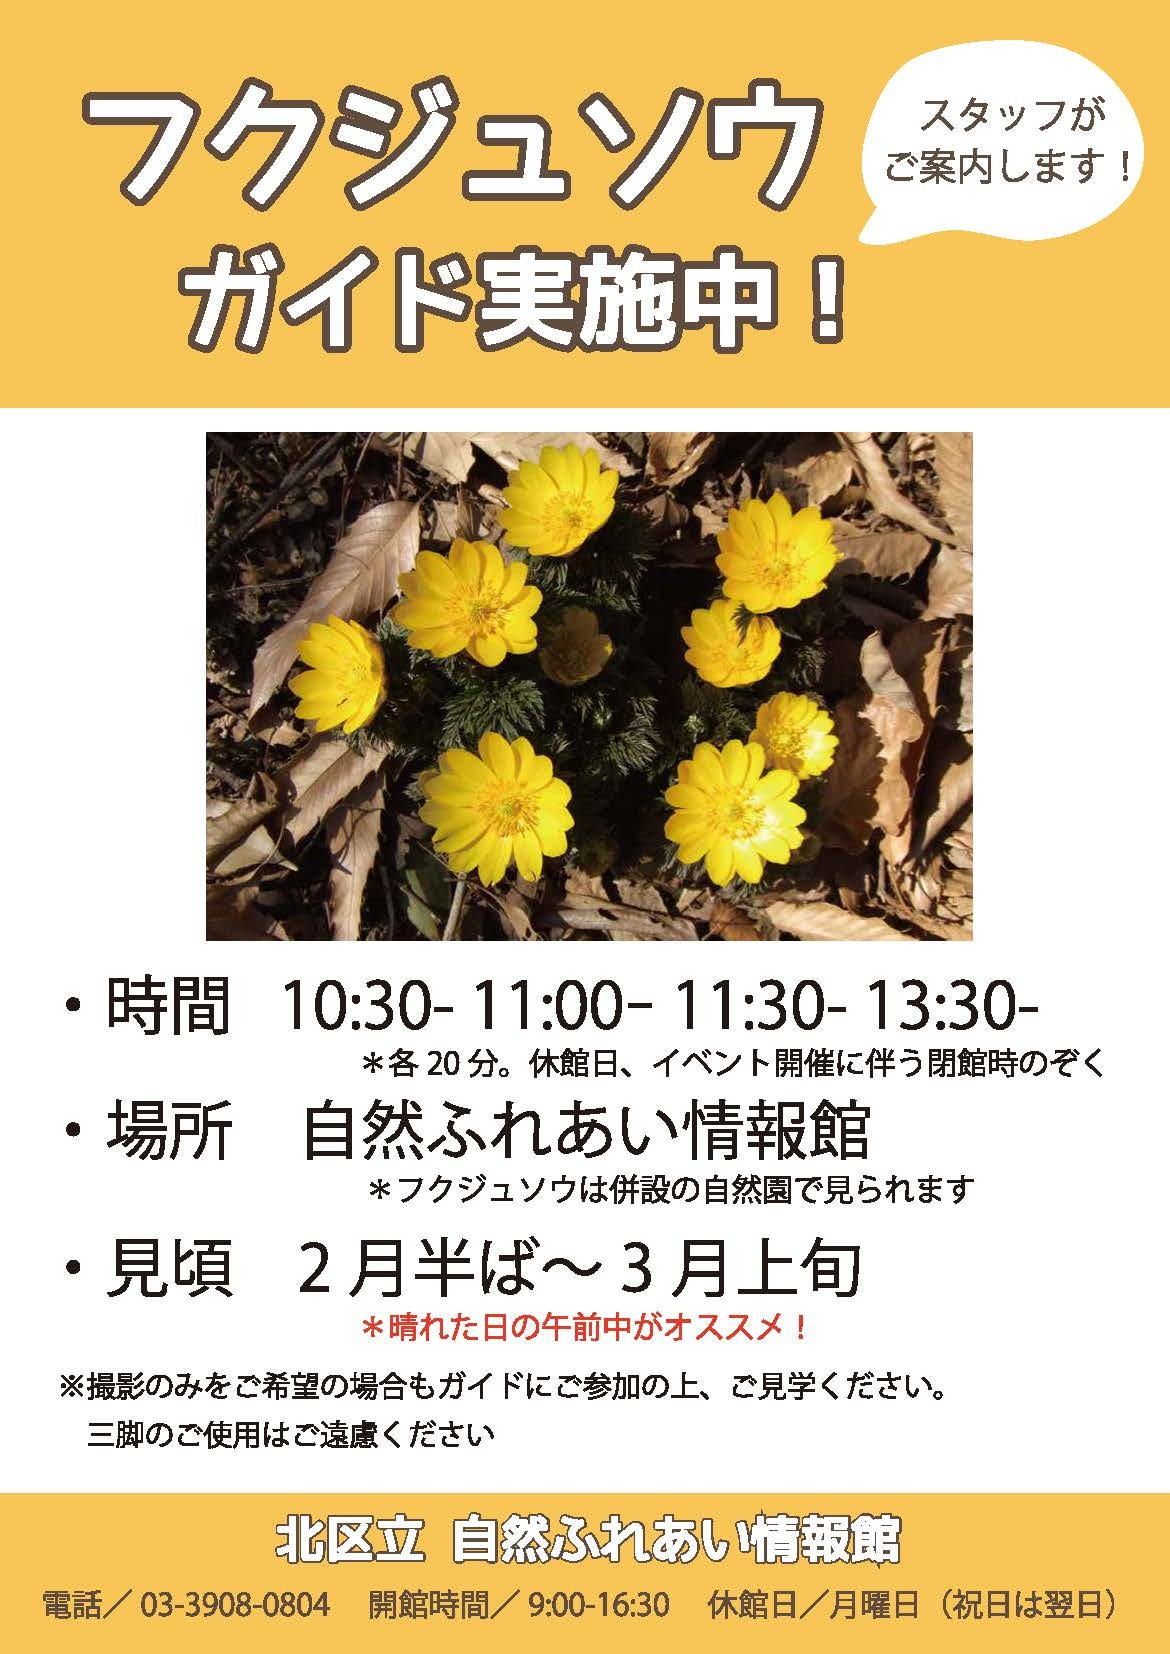 フクジュソウの開花が始まりました!_f0361087_12154044.jpg